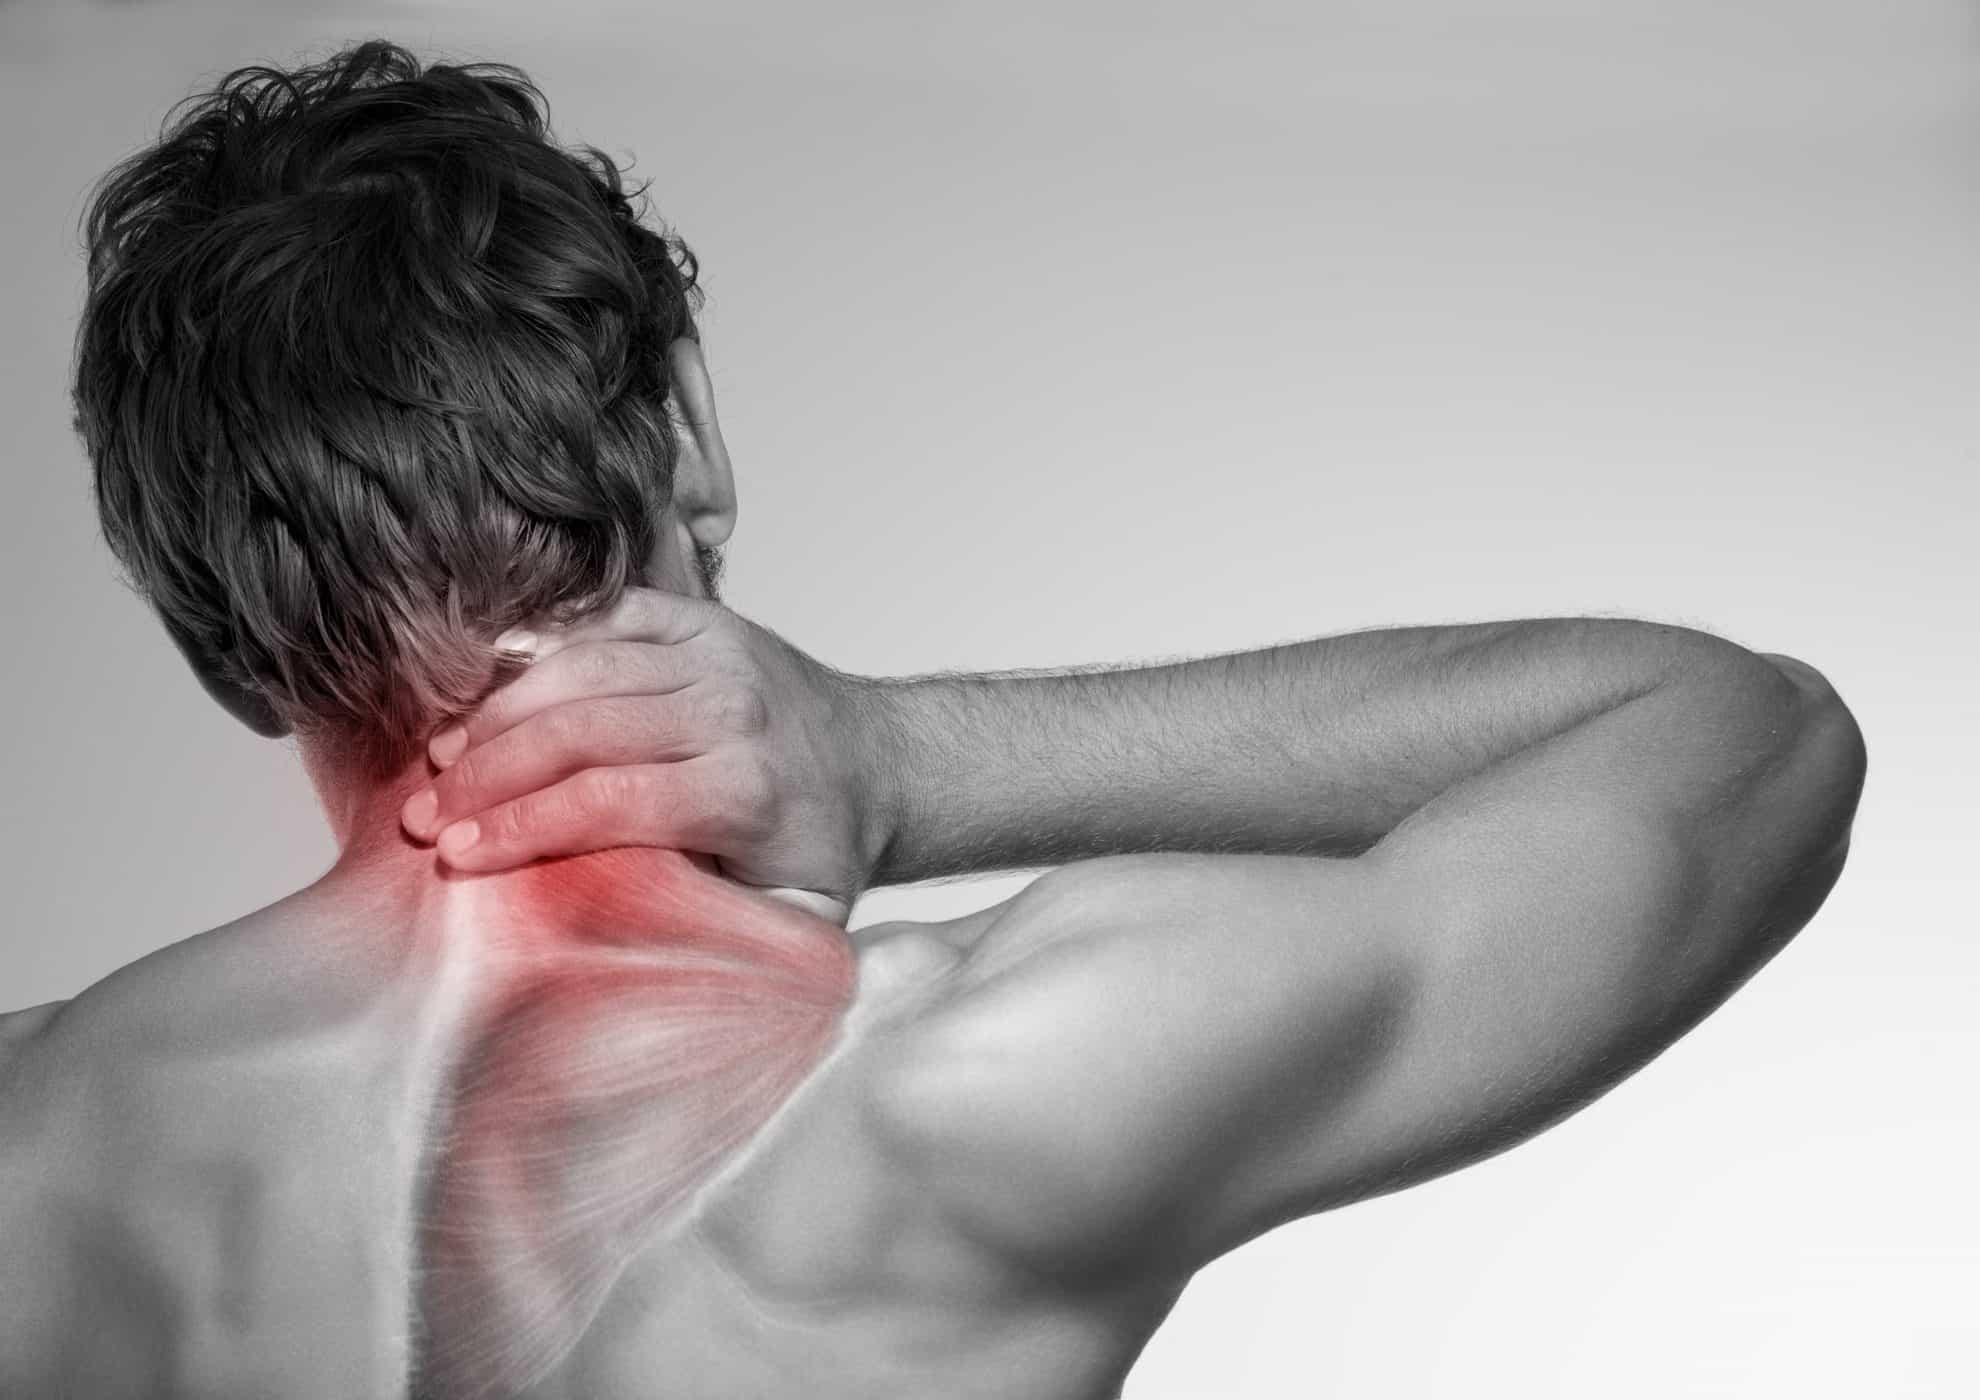 Nguyên nhân và cách giảm đau đầu sau gáy